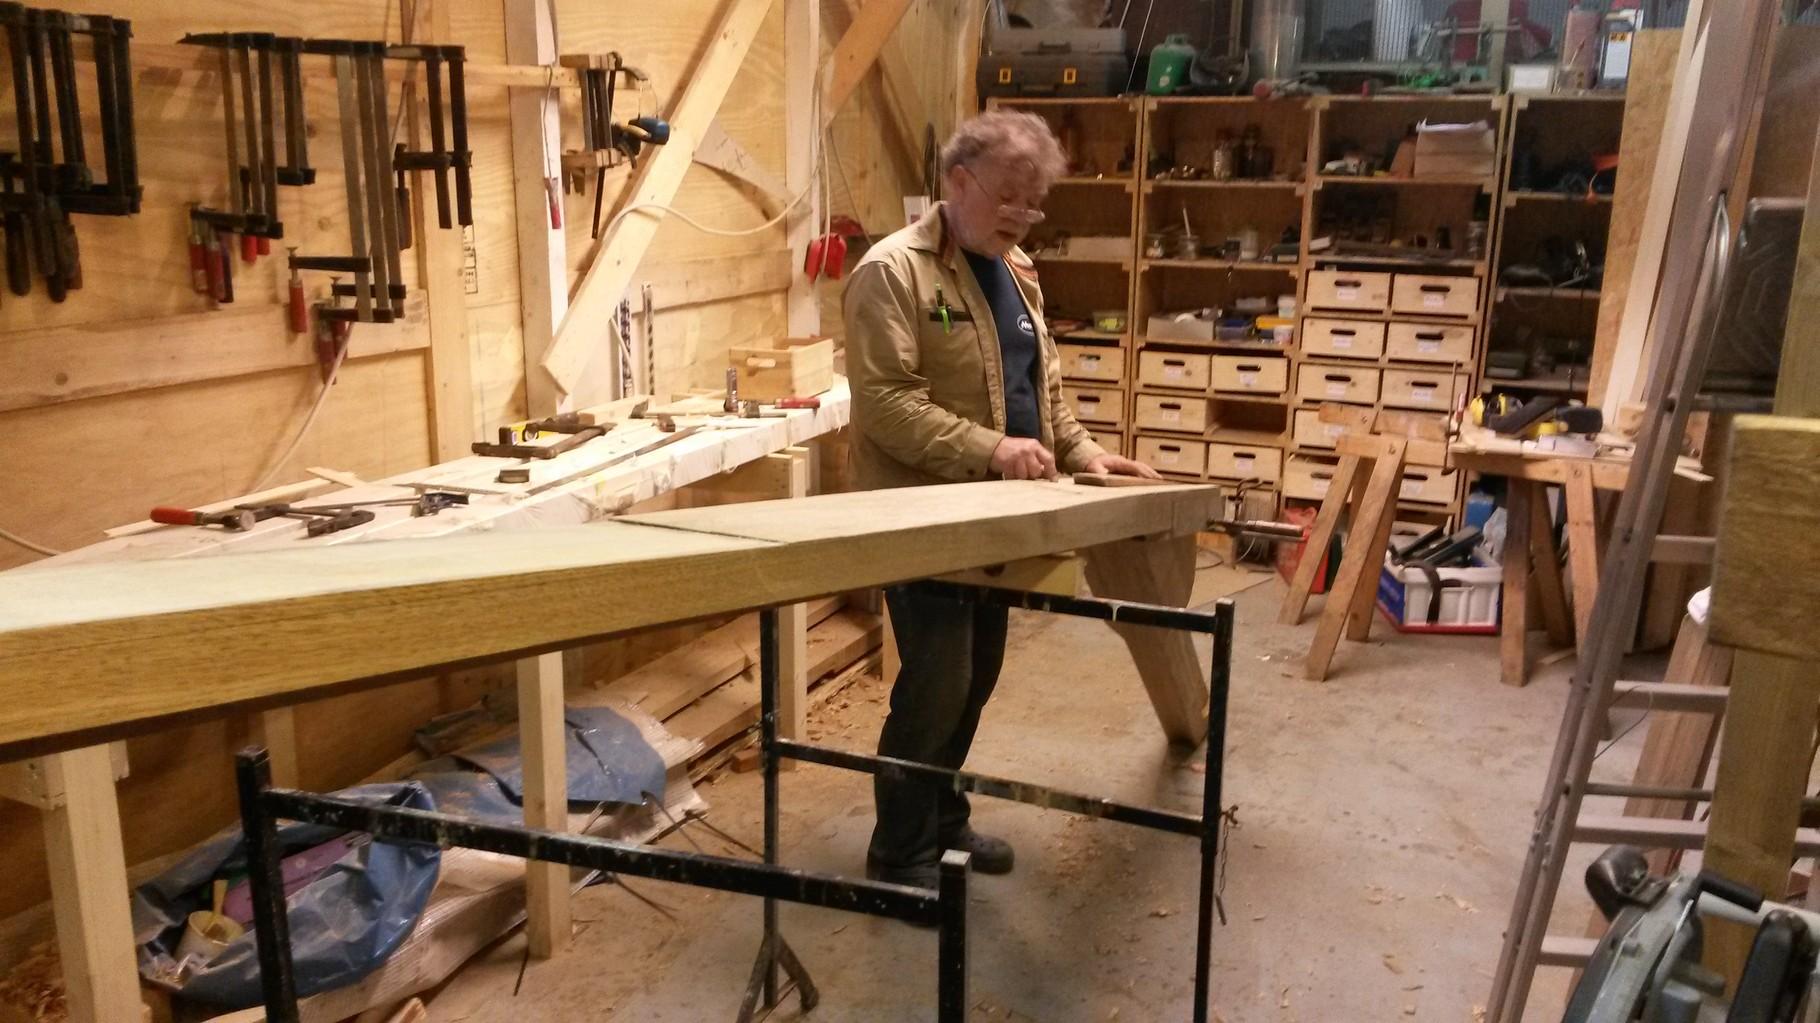 Achtersteven und Heckbalken mit in 2 Richtungen keiliger Verbindung. Dadurch kann der Steven nur rein, wenn der Heckbalken auch fertig ist.